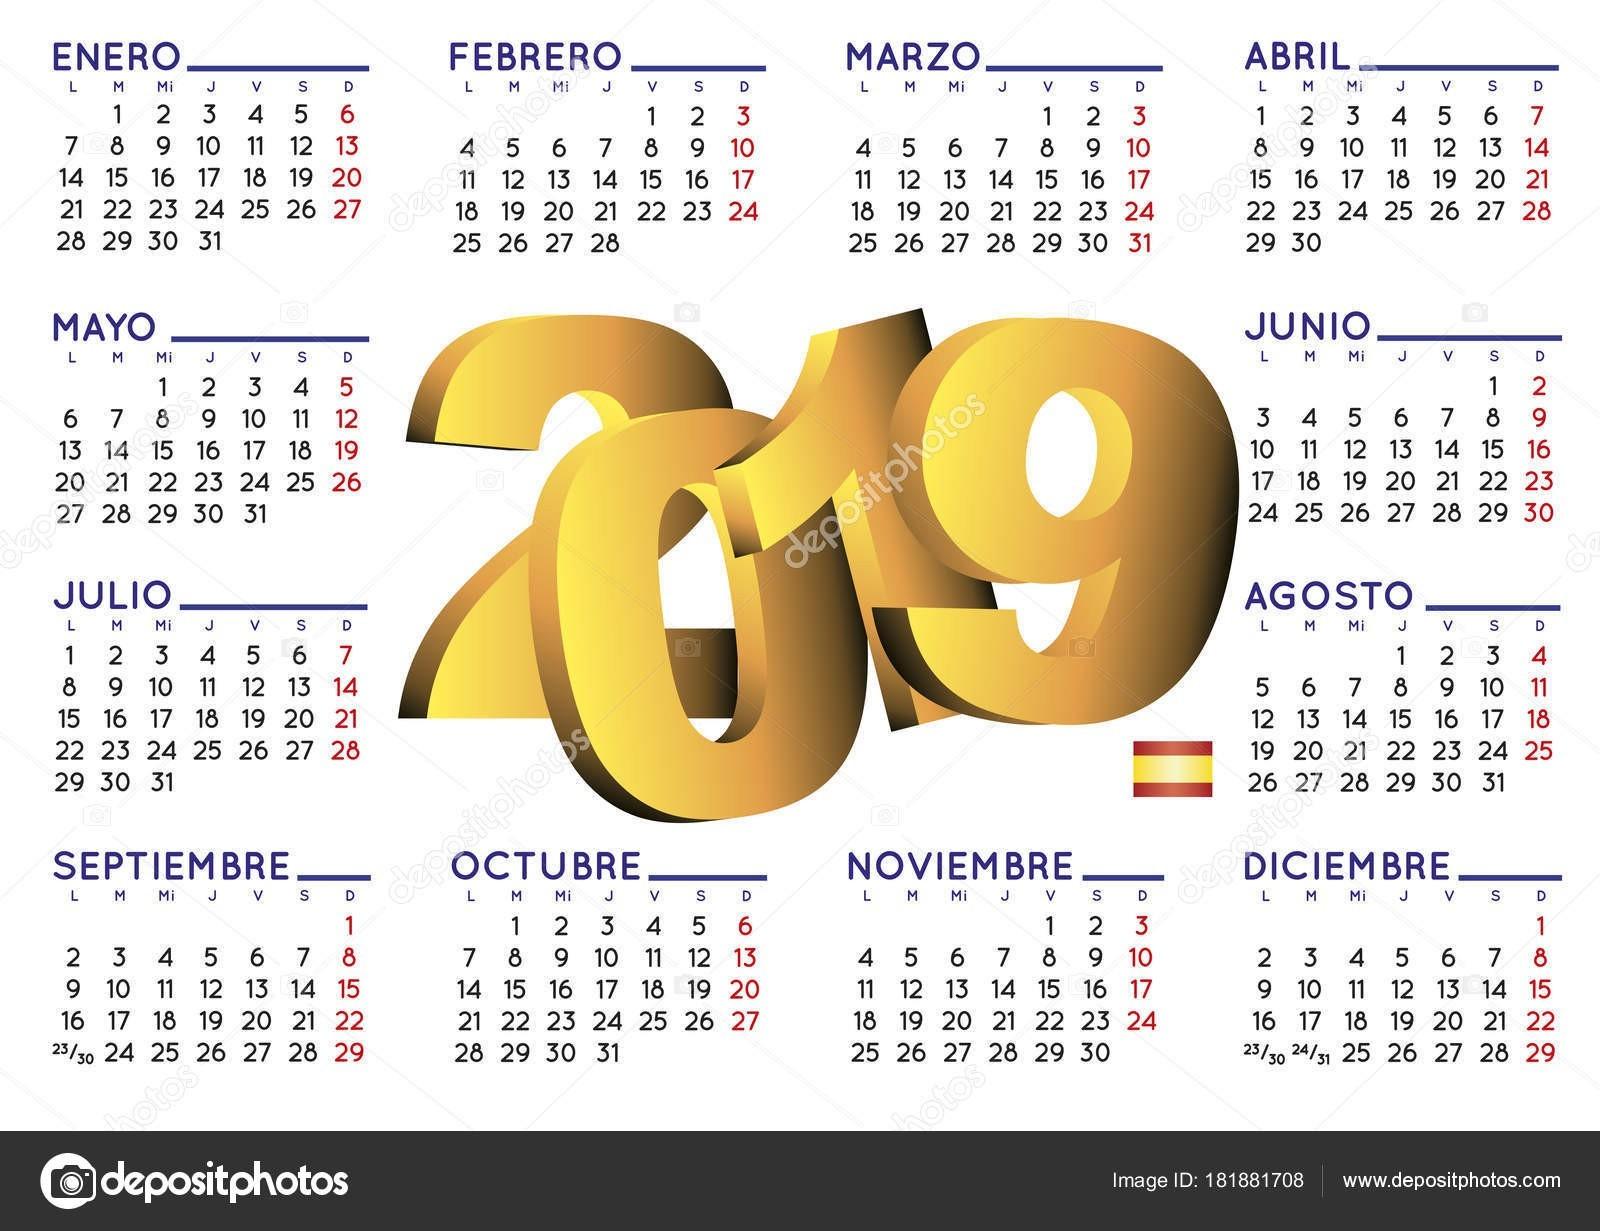 Calendario Febrero 2019 Colombia Para Imprimir Más Populares Este Es Sin Duda Calendario 2019 Imprimir Portugues Of Calendario Febrero 2019 Colombia Para Imprimir Más Recientemente Liberado Este Es Realmente Imprimir Calendario Septiembre Octubre 2019